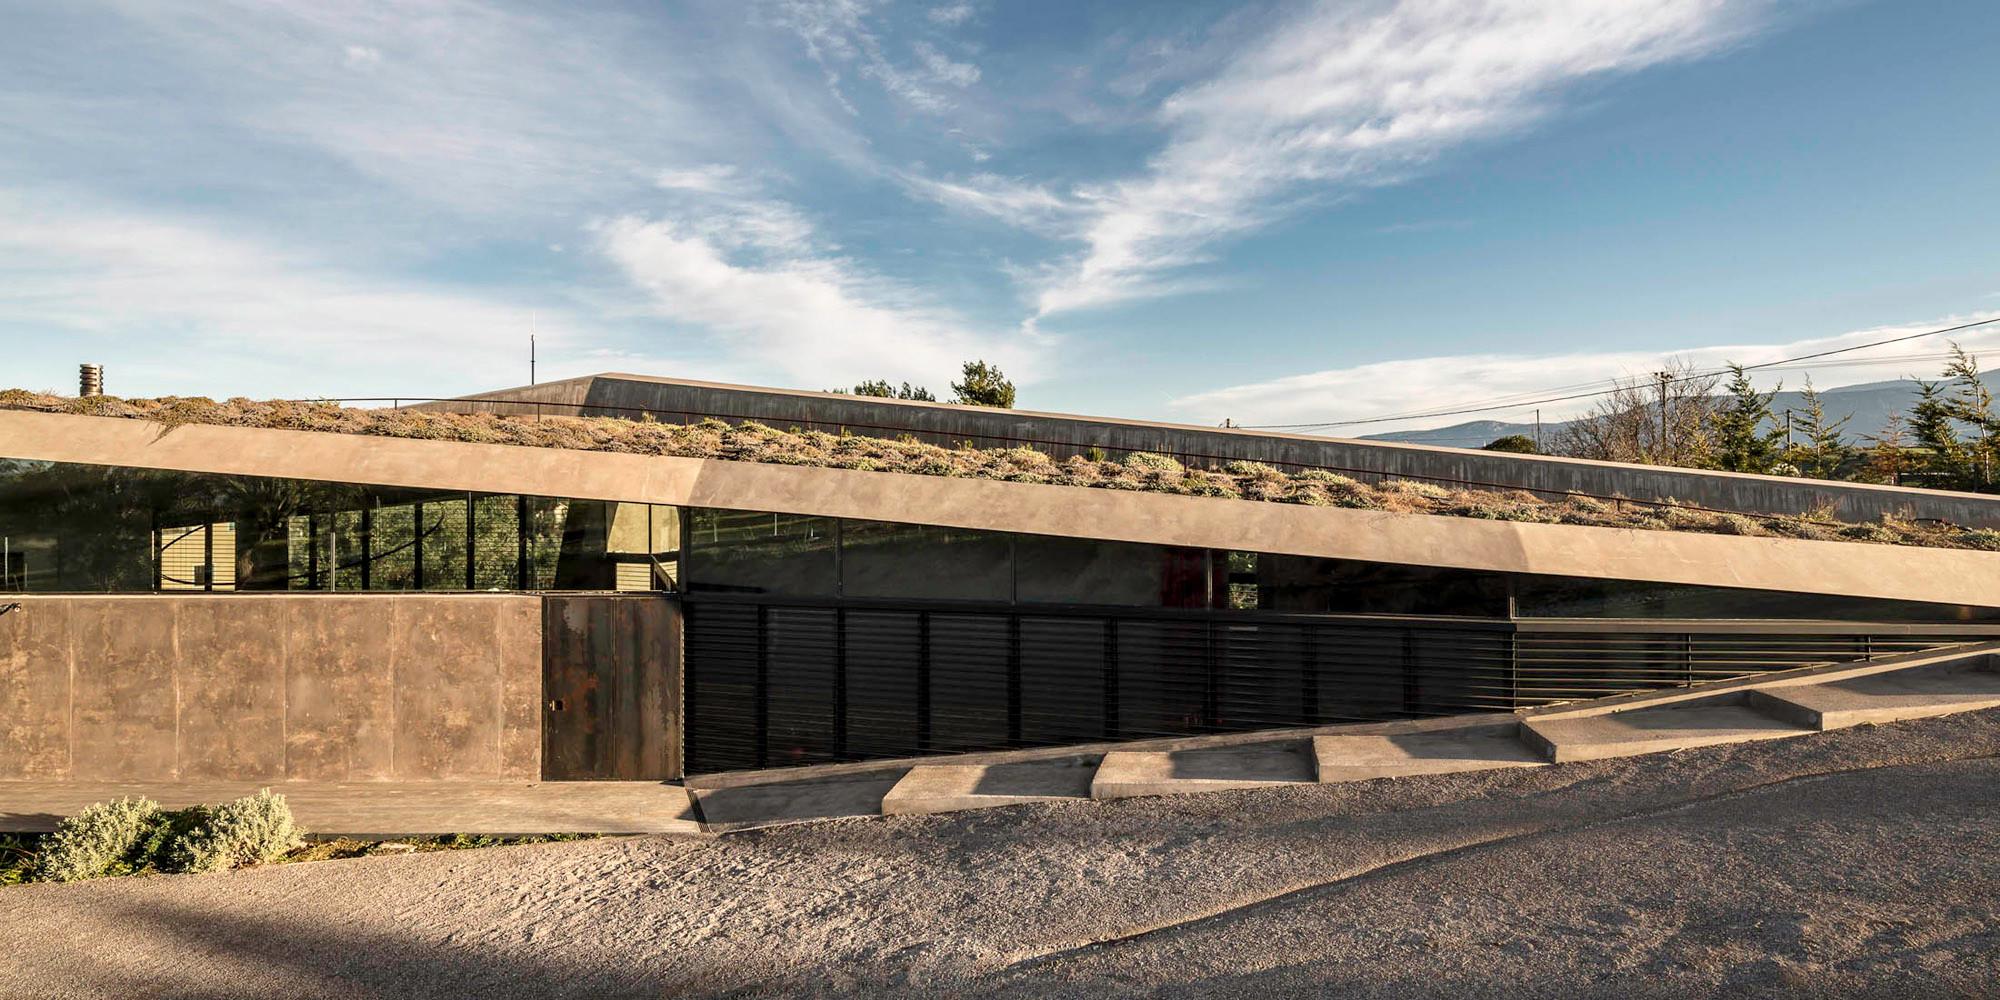 Wohnhaus in sikamino flachdach wohnen baunetz wissen for Angular 1 architecture